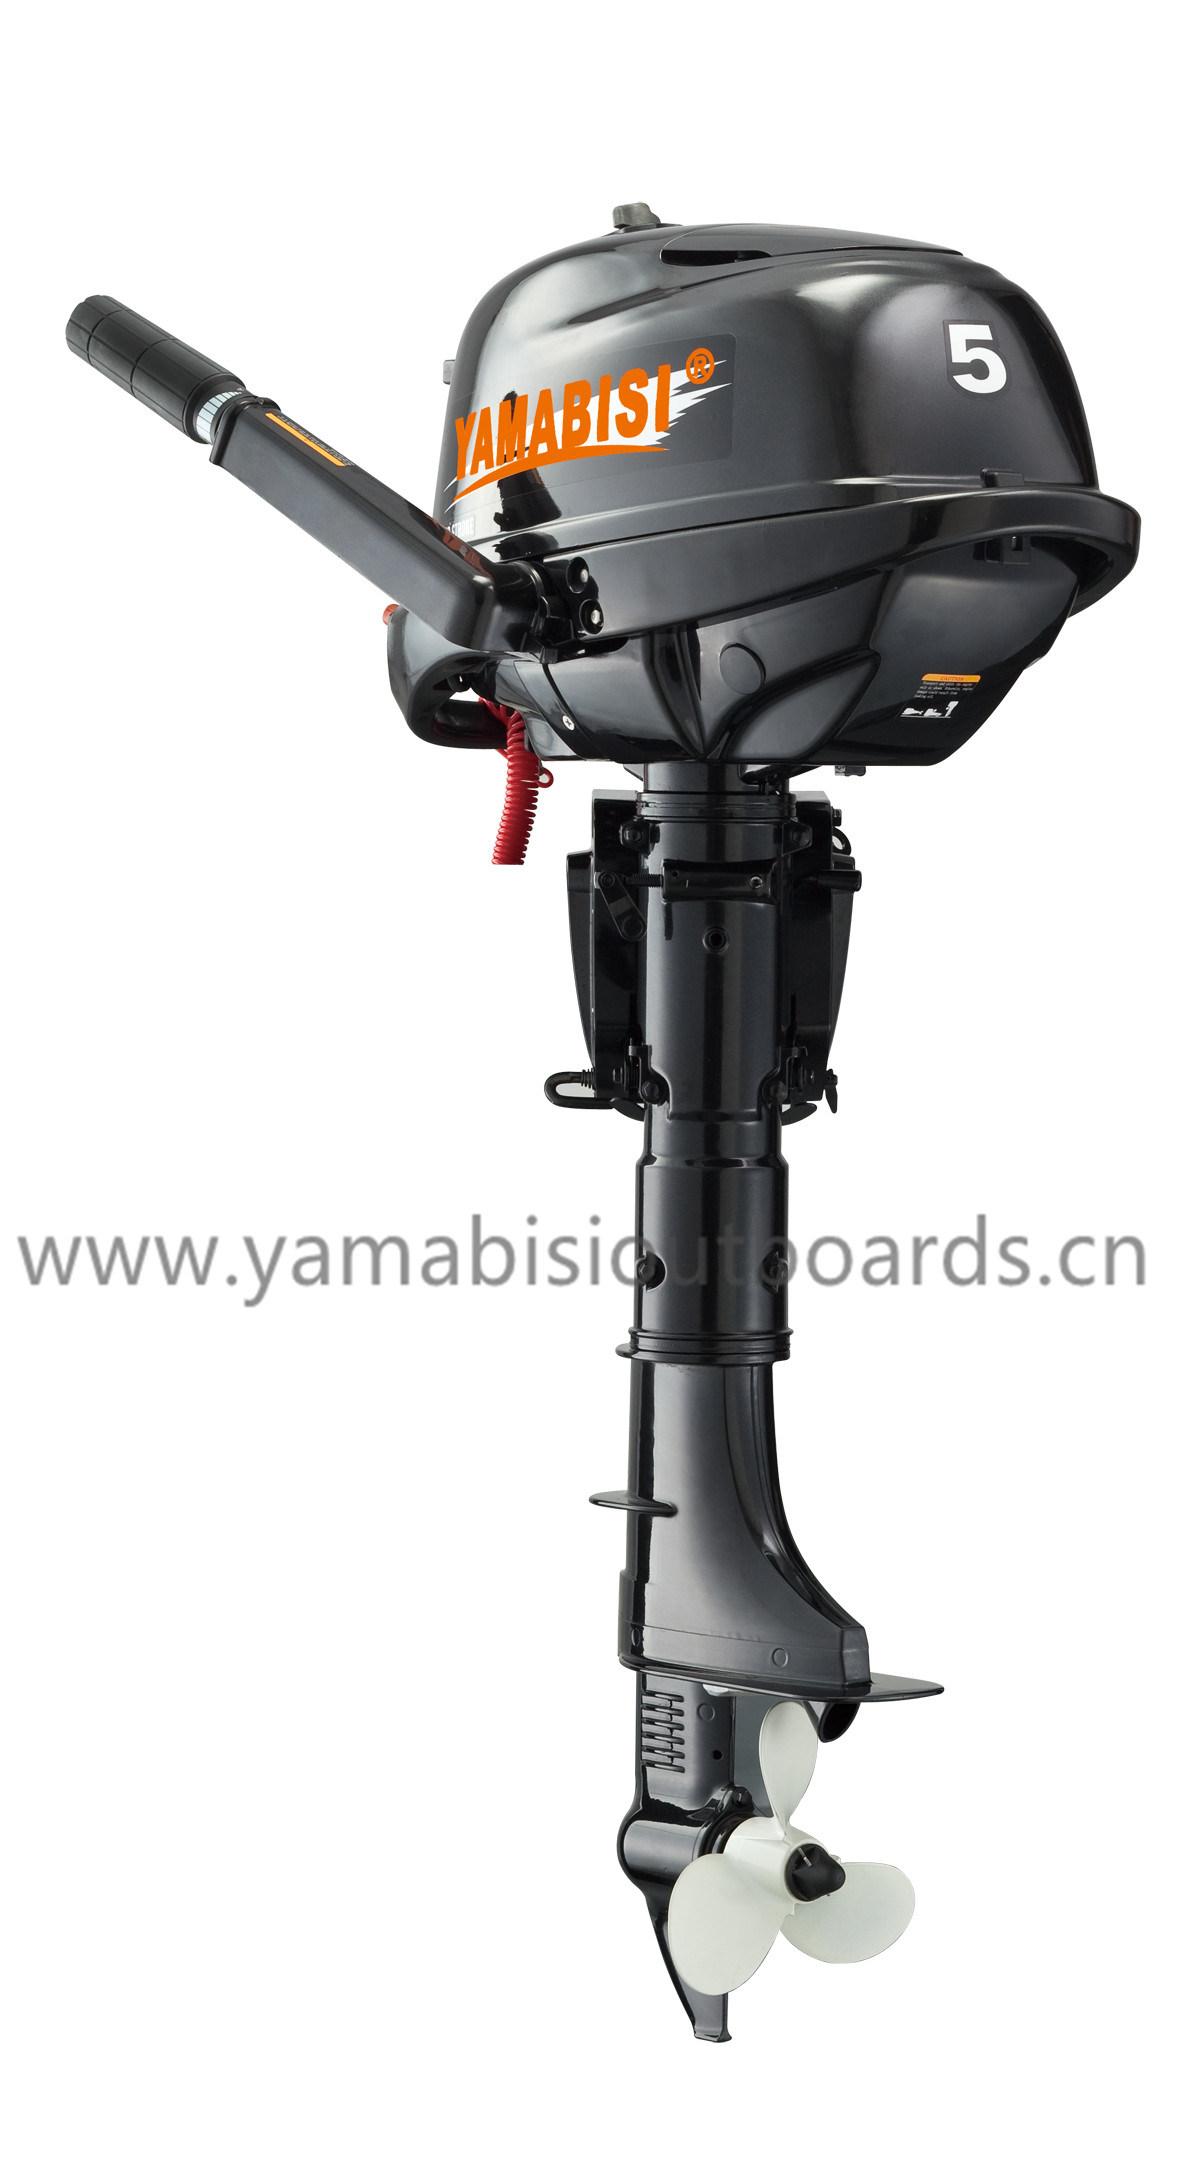 4-Stroke Yamabisi Outboard Motor/Engine